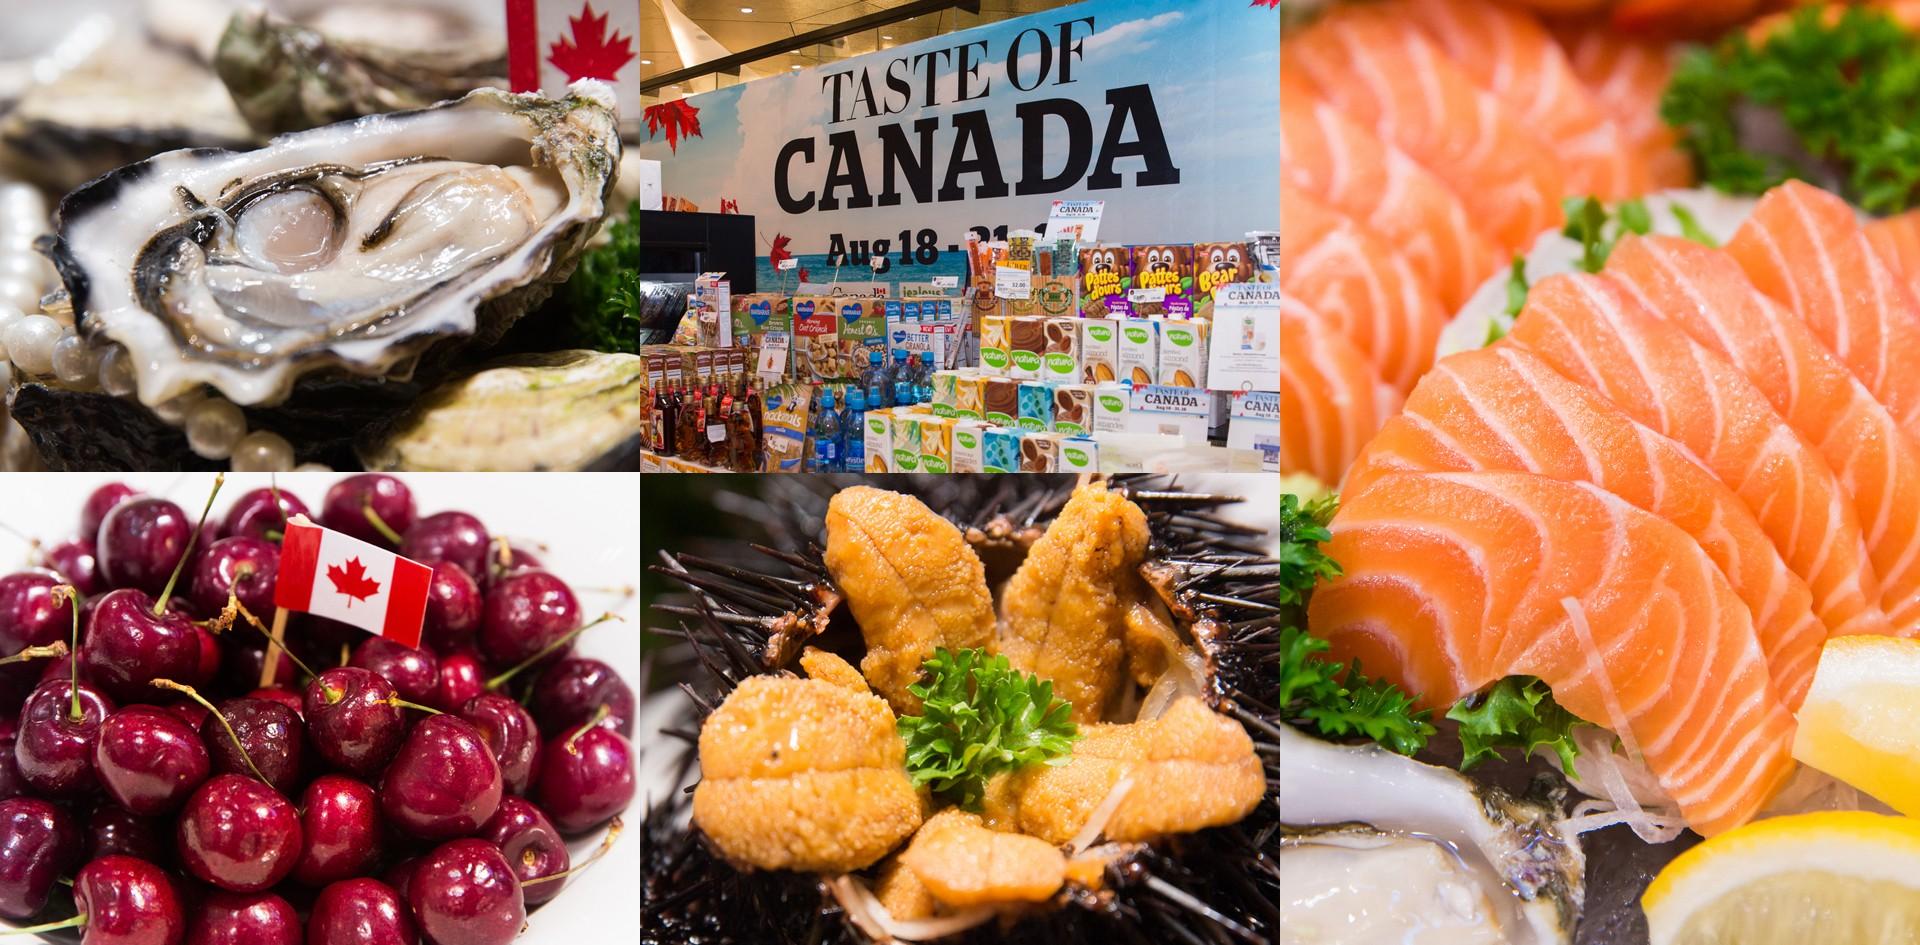 """ลิ้มรสซีฟู้ดชั้นเลิศสดใหม่ ส่งตรงจากแคนาดาในงาน """"Taste of Canada"""""""